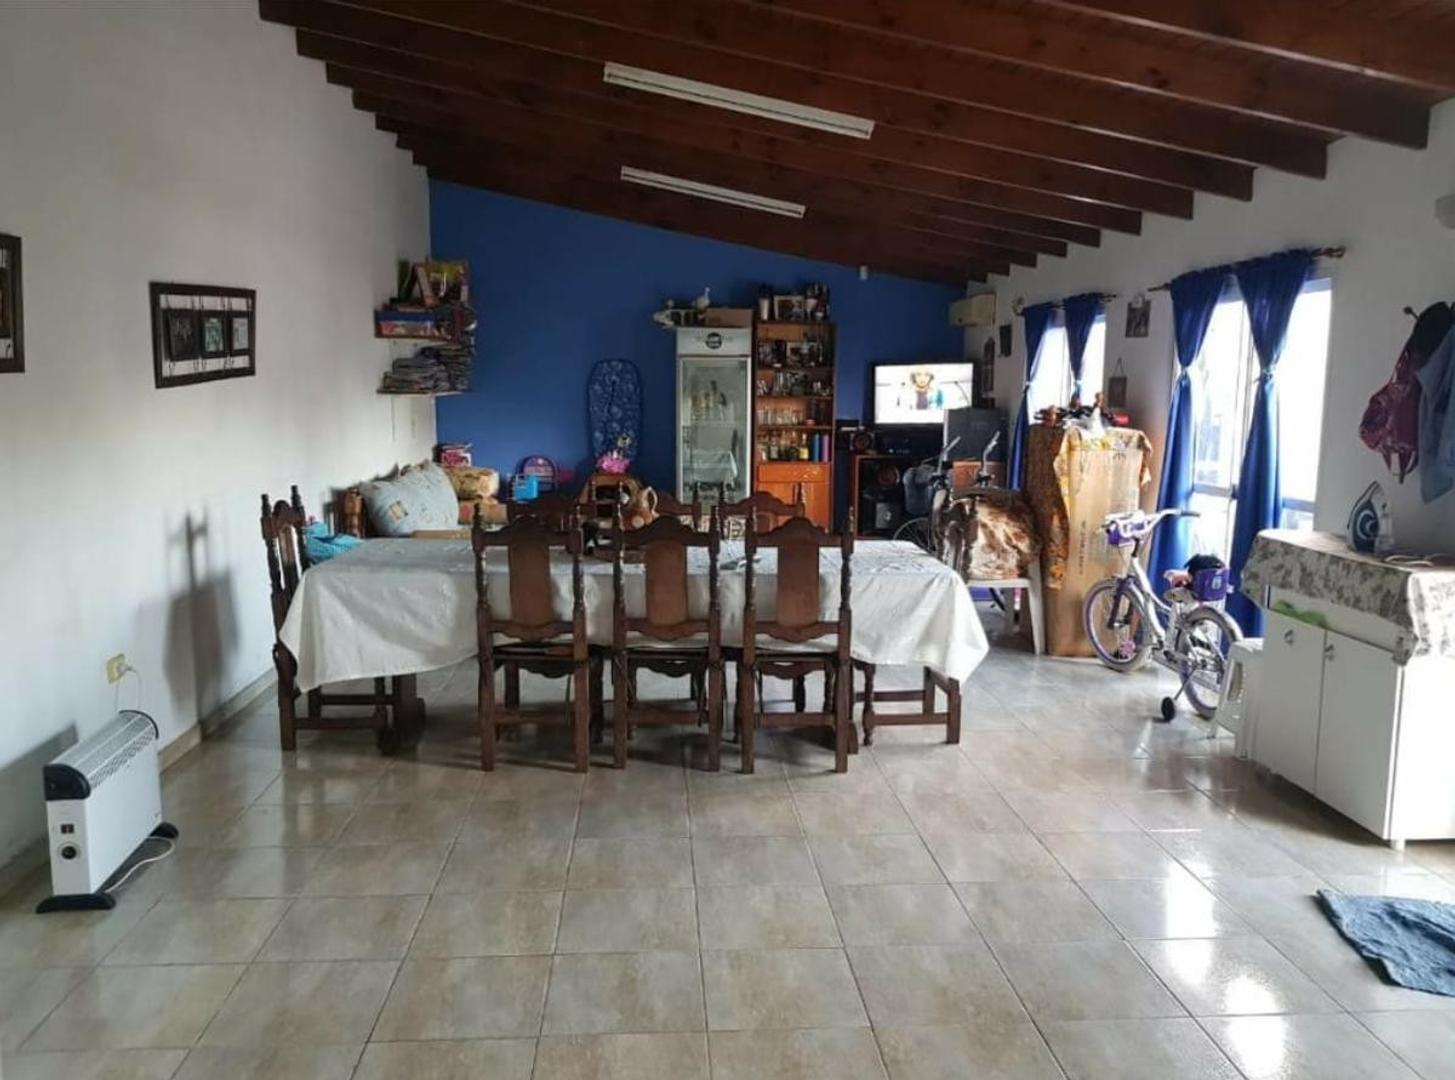 Casa 3 dormitorios-Lote 415 mts 2 y 230 mts 2 cubiertos- APTA BANCO - Villa Elvira - Foto 15